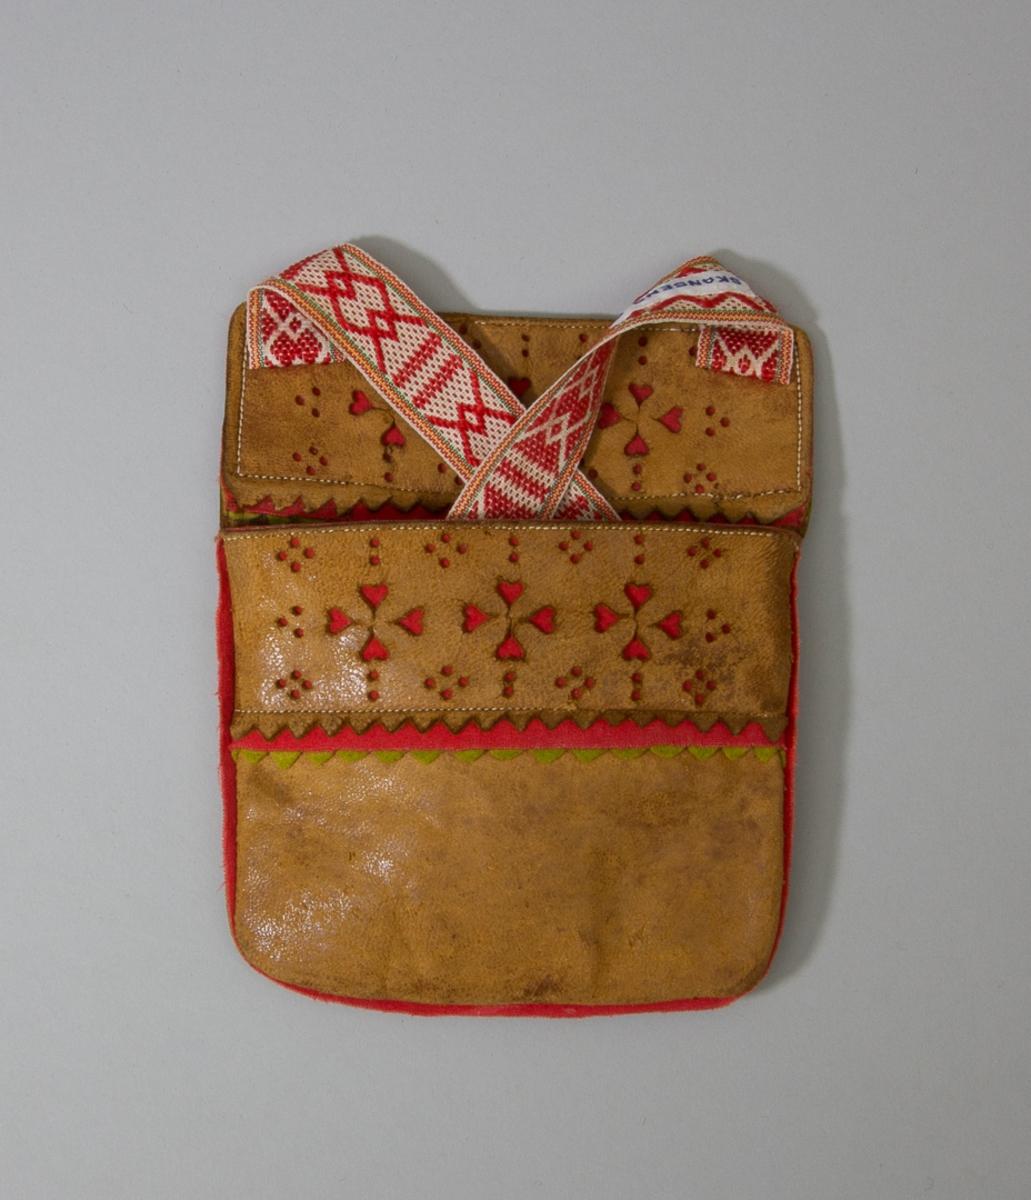 Kjolsäck till dräkt för kvinna från Mora socken, Dalarna. Modell med avskuret framstycke. Tillverkad helt av brunt kalvskinn. På framstycket och på överstycket en remsa av kalvskinn med stansade hål fastsydd på maskin. Under skinnremsan ligger en remsa rött kläde, som lyser igenom hålen. I nederkanten dessutom en remsa grönt kläde, klippt i uddar. En remsa rött och en remsa grönt kläde inlagd i sido- och bottensömmen. Axel- eller midjeband vävt med plockat mönster i rött ullgarn på vit botten, möjligen maskinvävt.